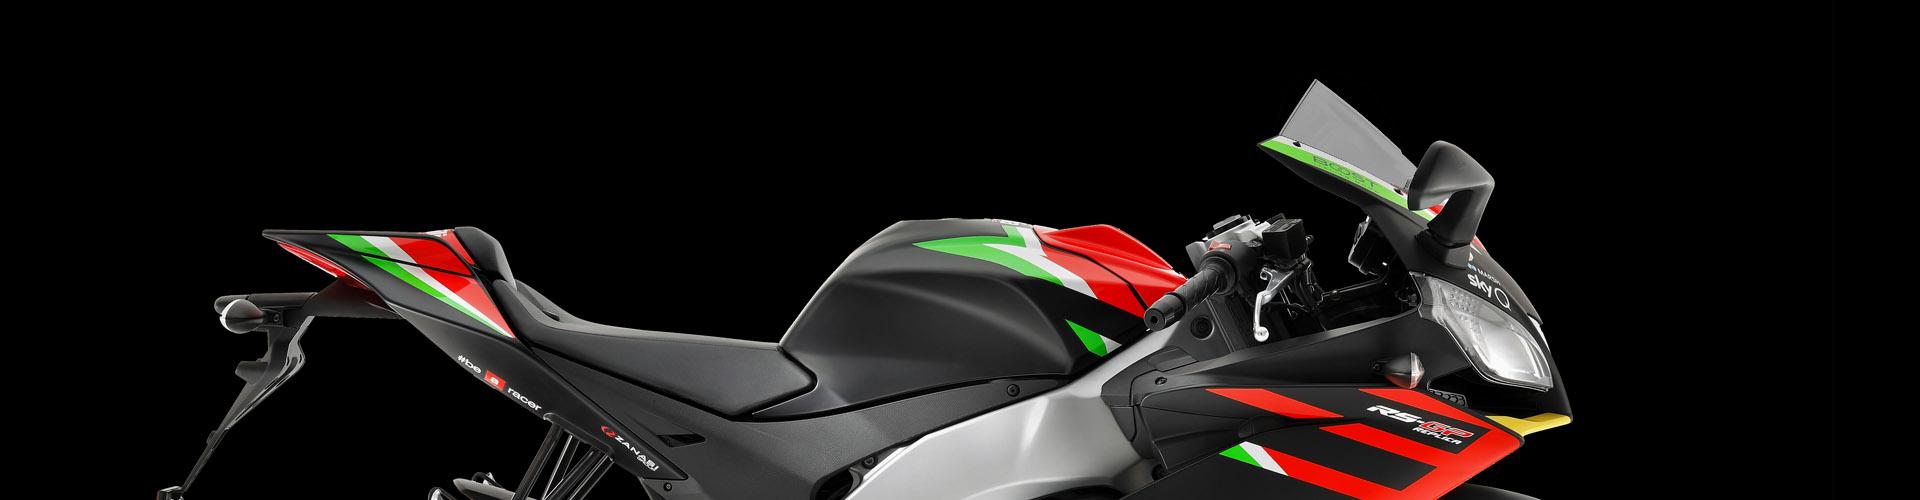 CocMotors Aprilia RS 125 2020